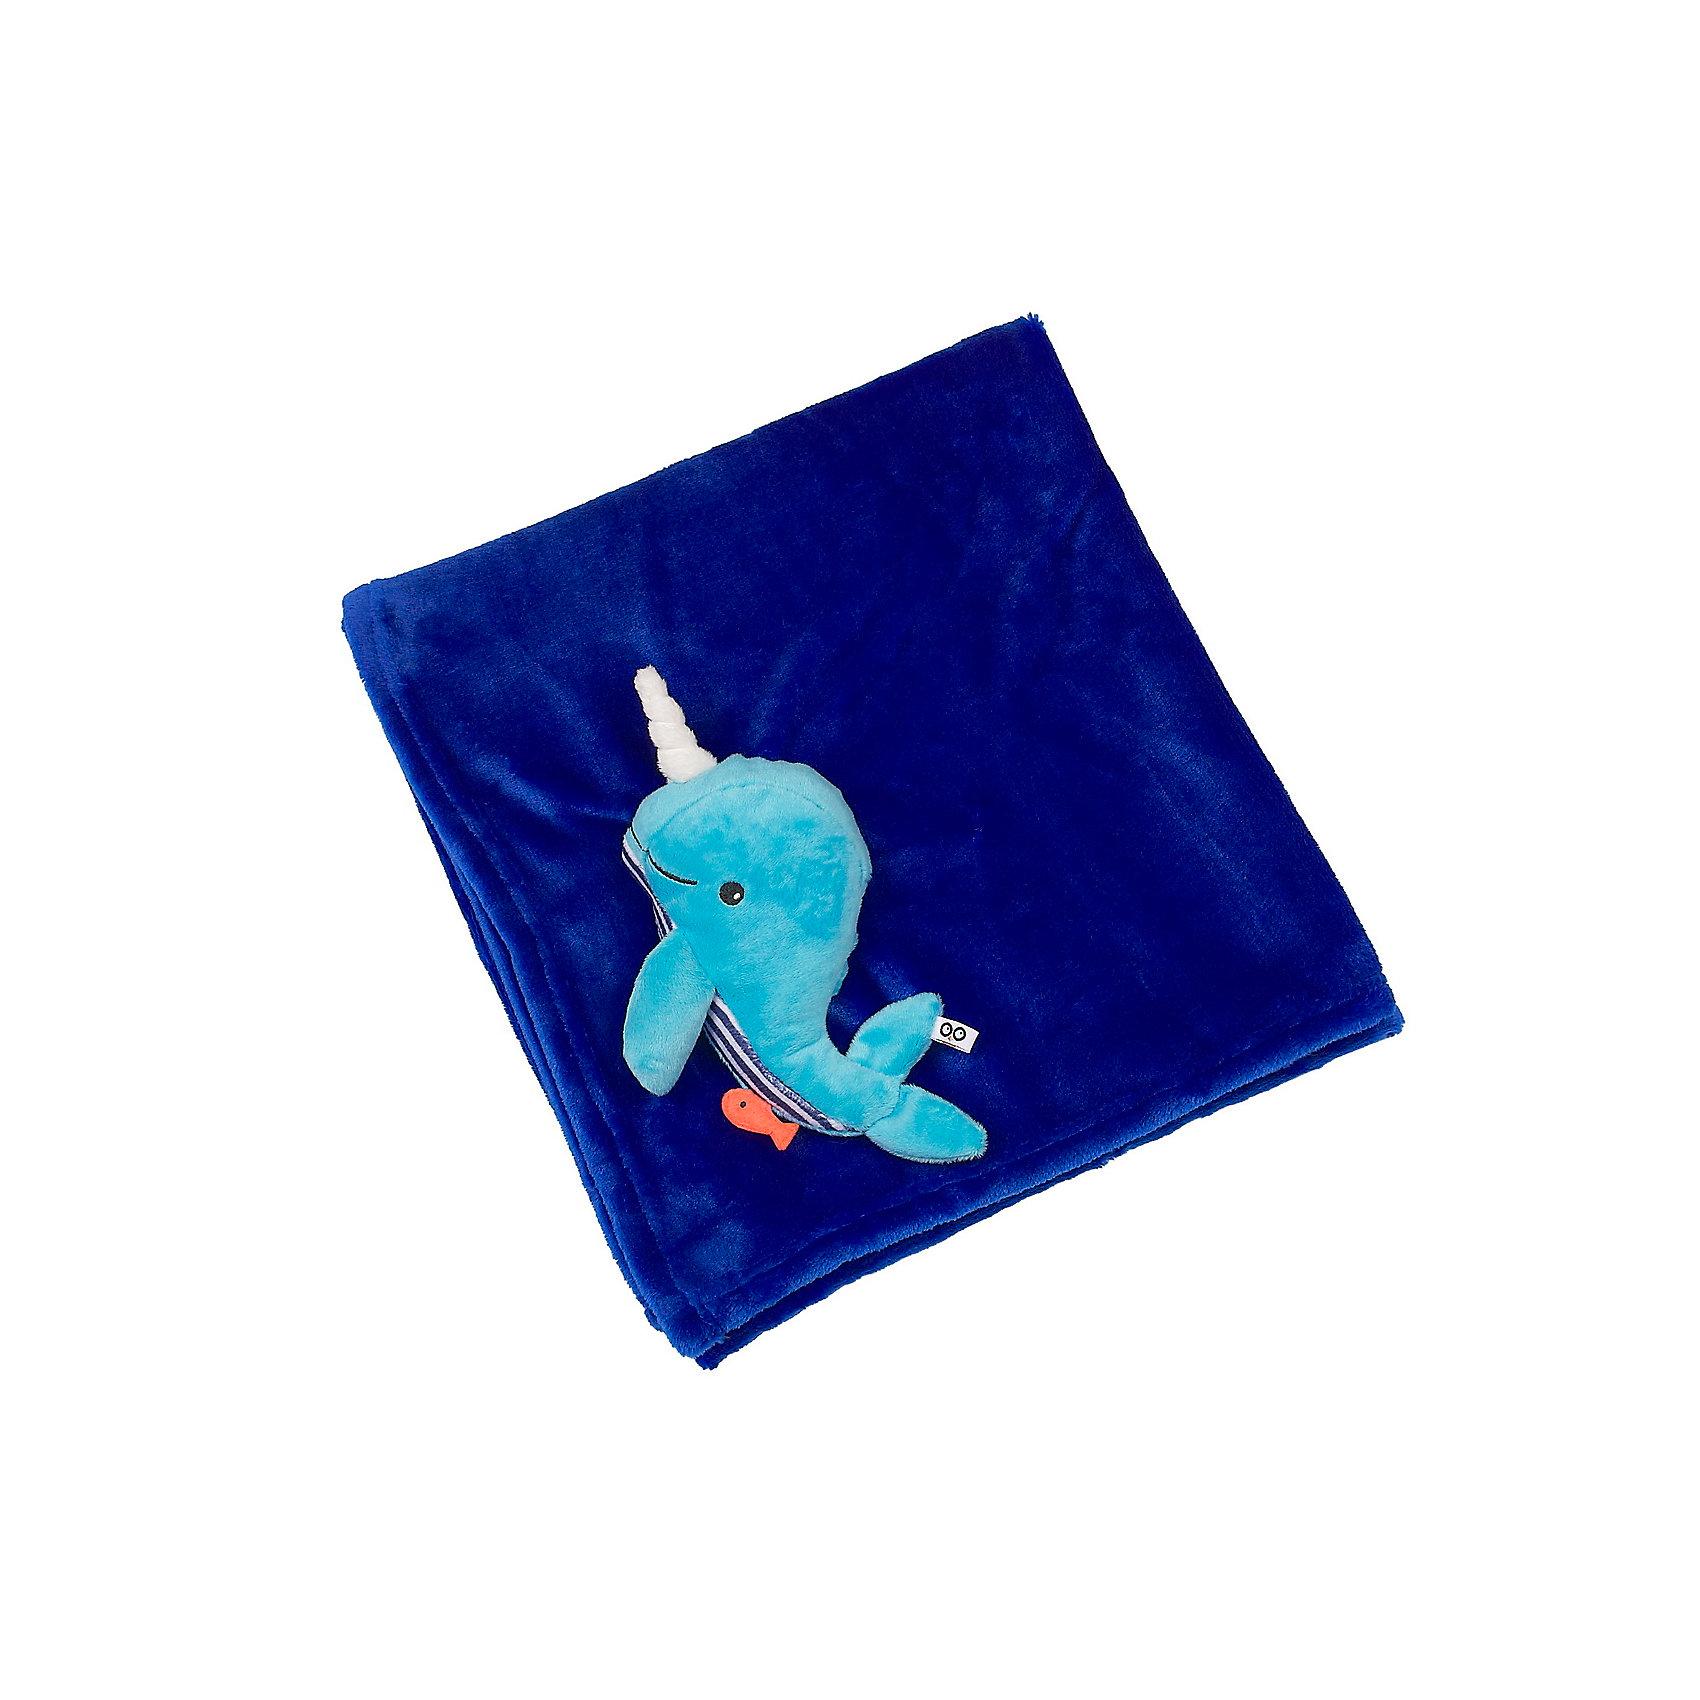 Одеяло с игрушкой Кит, Zoocchini, синийОдеяло с игрушкой Кит, синий от американского бренда Zoocchini (Зукинни) поможет в оформлении интерьера детской комнаты и приведет в восторг вашего ребенка. Яркий синий цвет одеяла и мягкий друг Кит на уголке будут радовать глаз и развлекать, а нежная плюшевая ткань очень приятна на ощупь и подарить тепло и комфорт маленькому крохе. Одеяло можно брать с собой на природу, в машину или в коляску во время прогулки прохладным вечером. <br>Дополнительная информация:<br>- Состав: 100% полиэстер<br>- Размер: 68,5 * 99 см.<br>Одеяло с игрушкой Кит, синий Zoocchini(Зукини) можно купить в нашем интернет-магазине.<br>Подробнее:<br>• Для детей в возрасте: от 0 до 3 лет<br>• Номер товара: 4976015<br>Страна производитель: Китай<br><br>Ширина мм: 255<br>Глубина мм: 75<br>Высота мм: 255<br>Вес г: 418<br>Возраст от месяцев: 0<br>Возраст до месяцев: 36<br>Пол: Унисекс<br>Возраст: Детский<br>SKU: 4976015